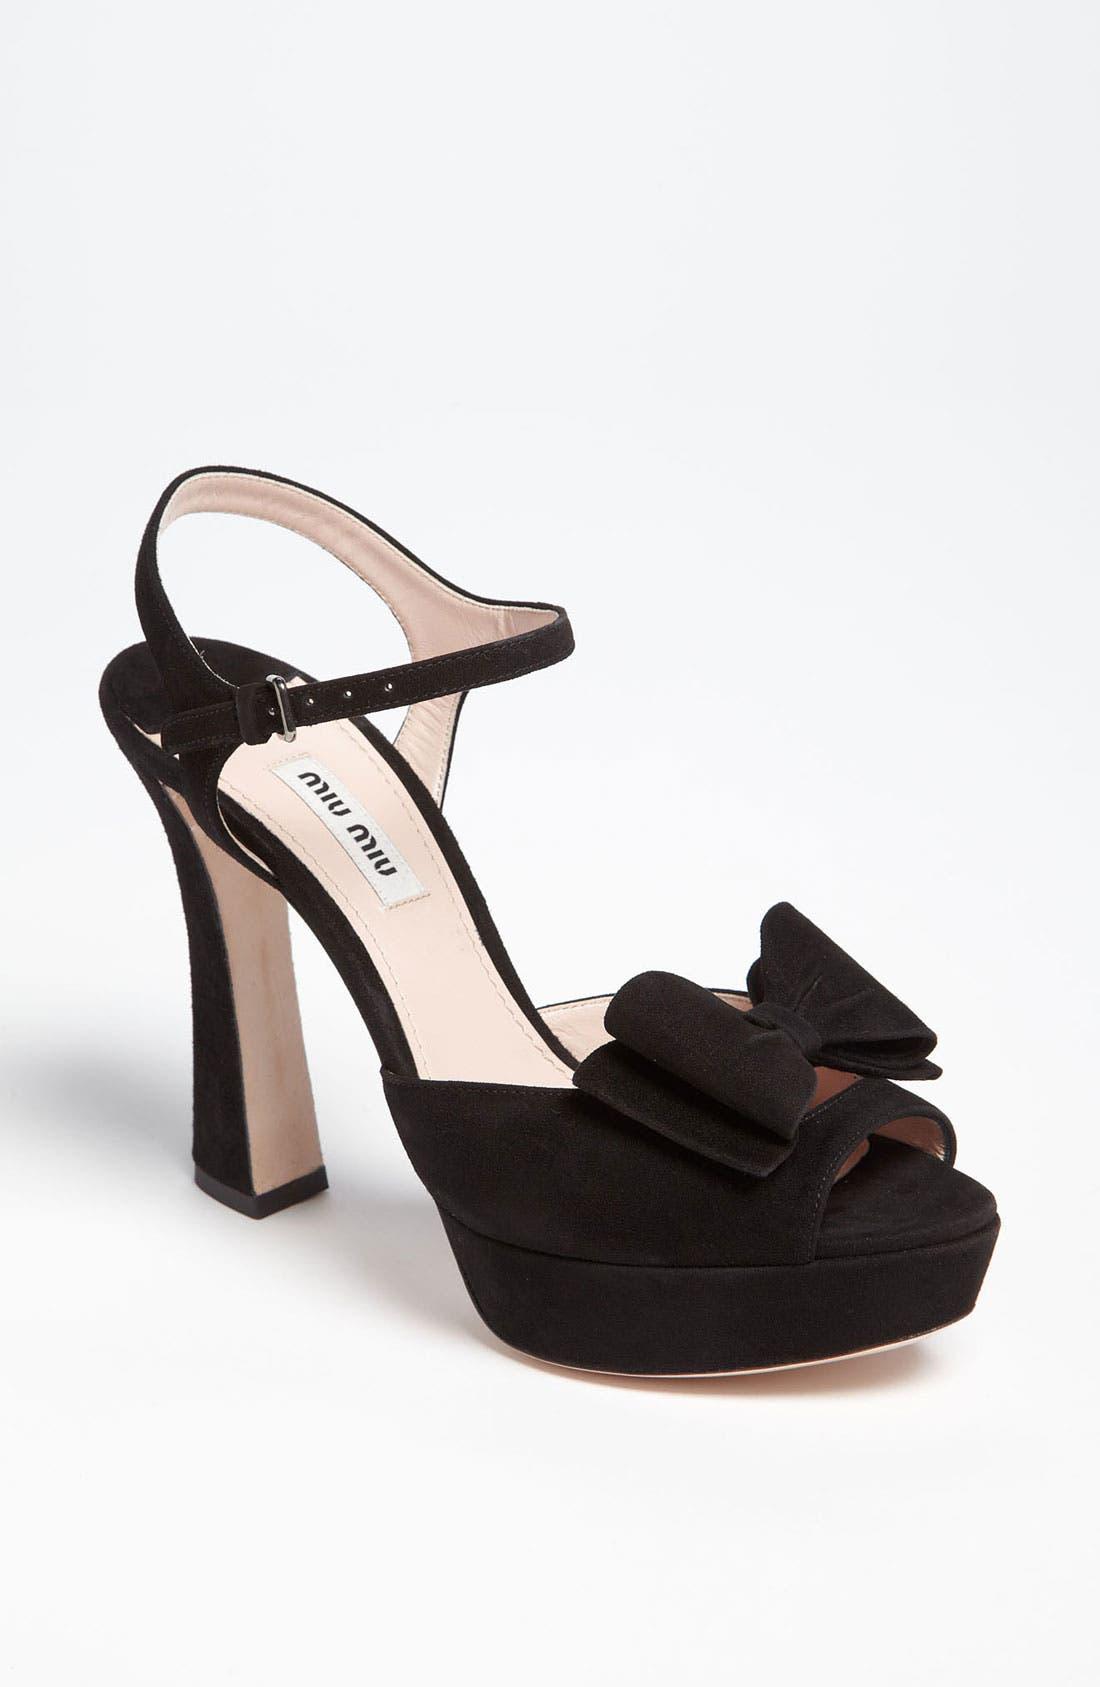 Alternate Image 1 Selected - Miu Miu Quarter Strap Sandal